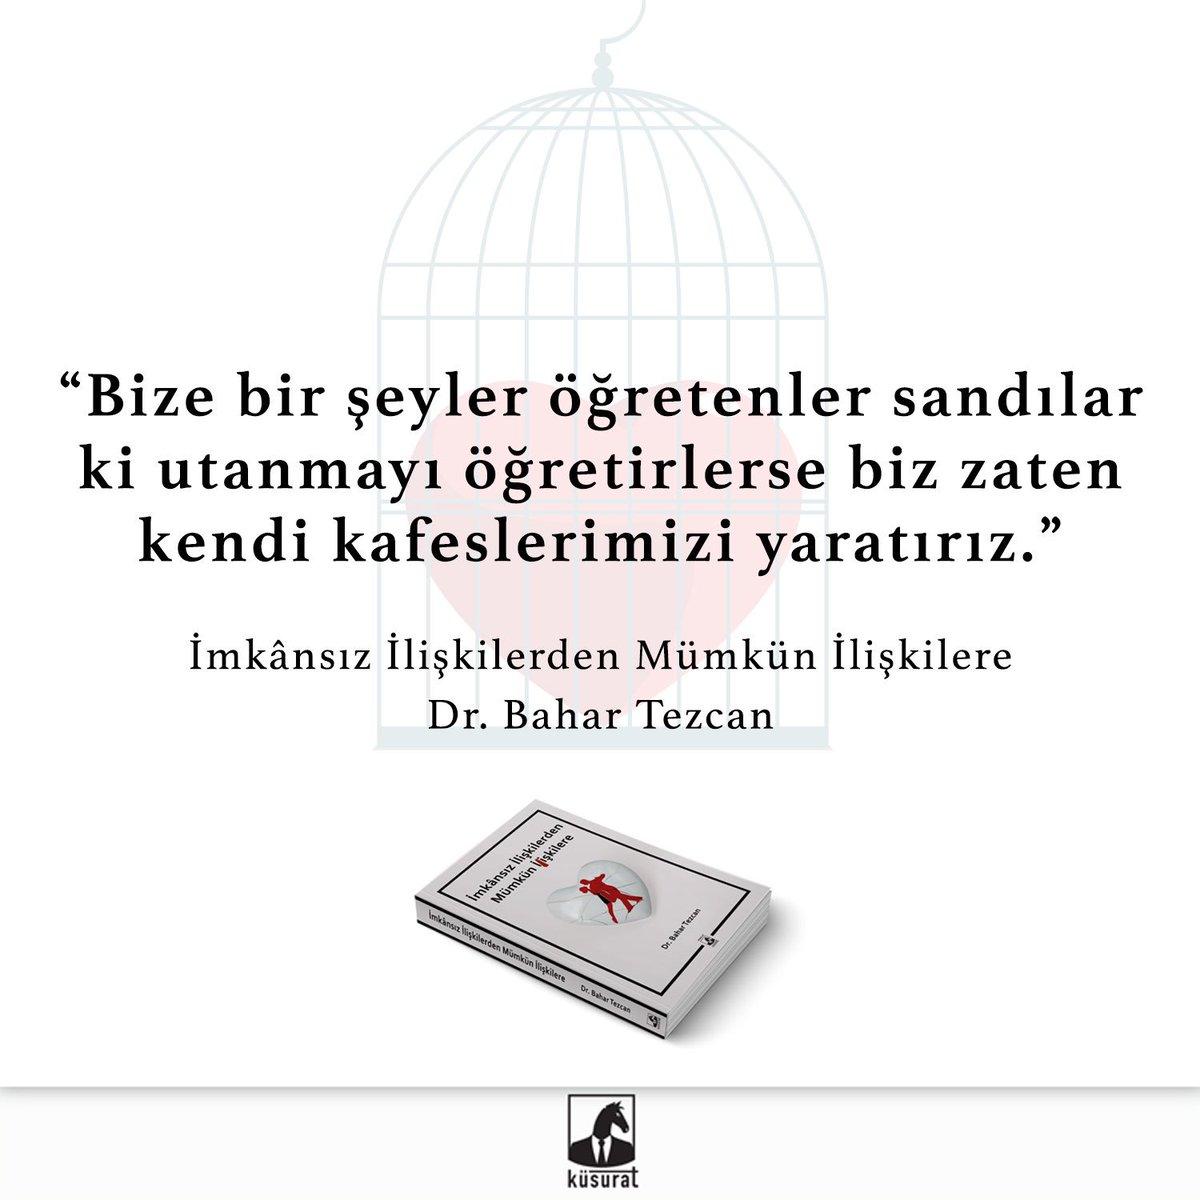 Kitap Önerisi: İmkansız İlişkilerden Mümkün İlişkilere, Dr. Bahar Tezcan